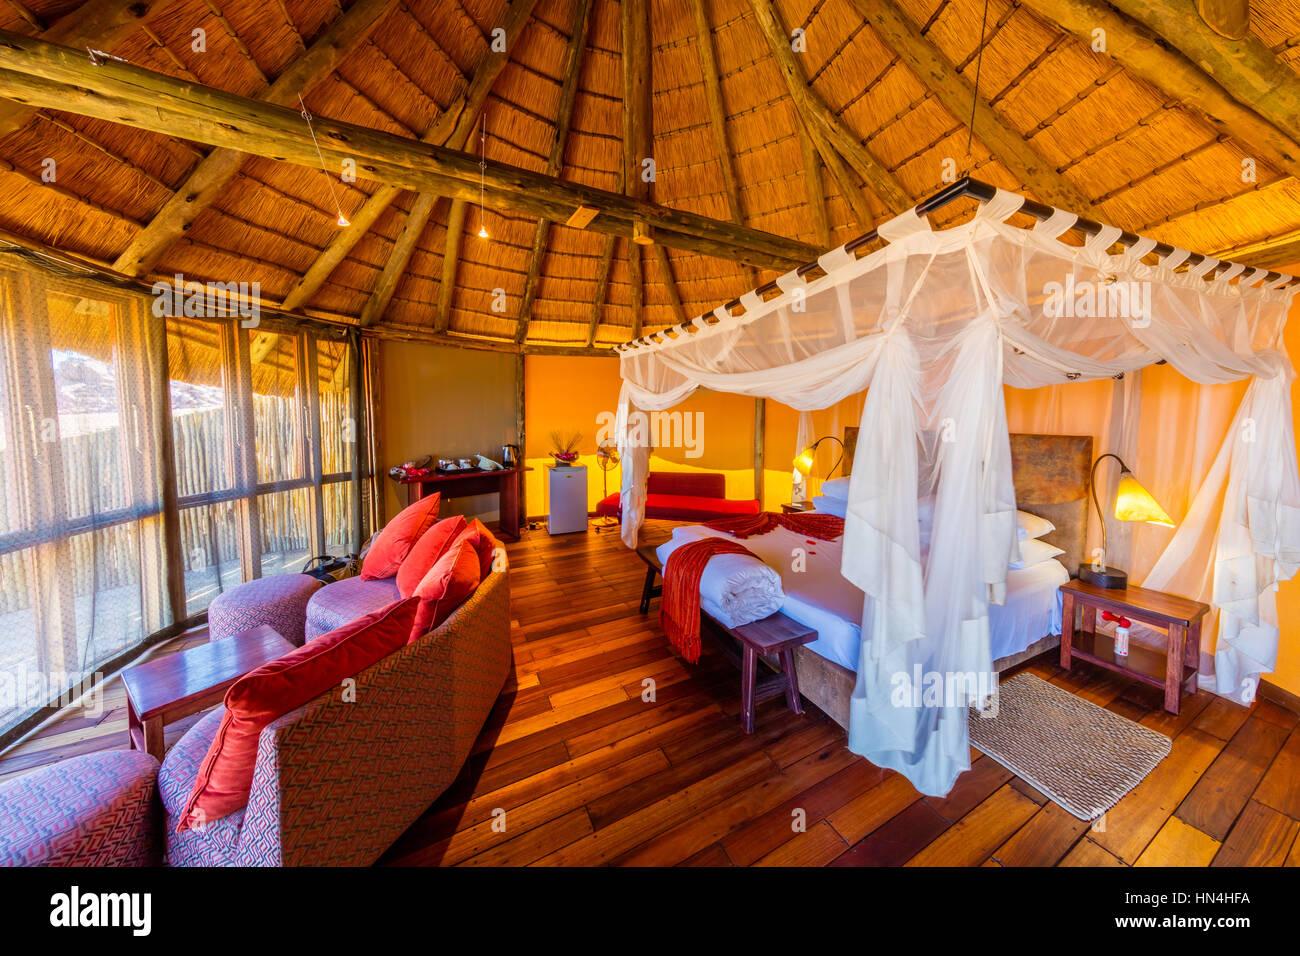 Sossus Dune Lodge liegt gegen die tief liegenden Berge im Namib-Naukluft-Nationalpark, die Gäste mit einer Stockbild